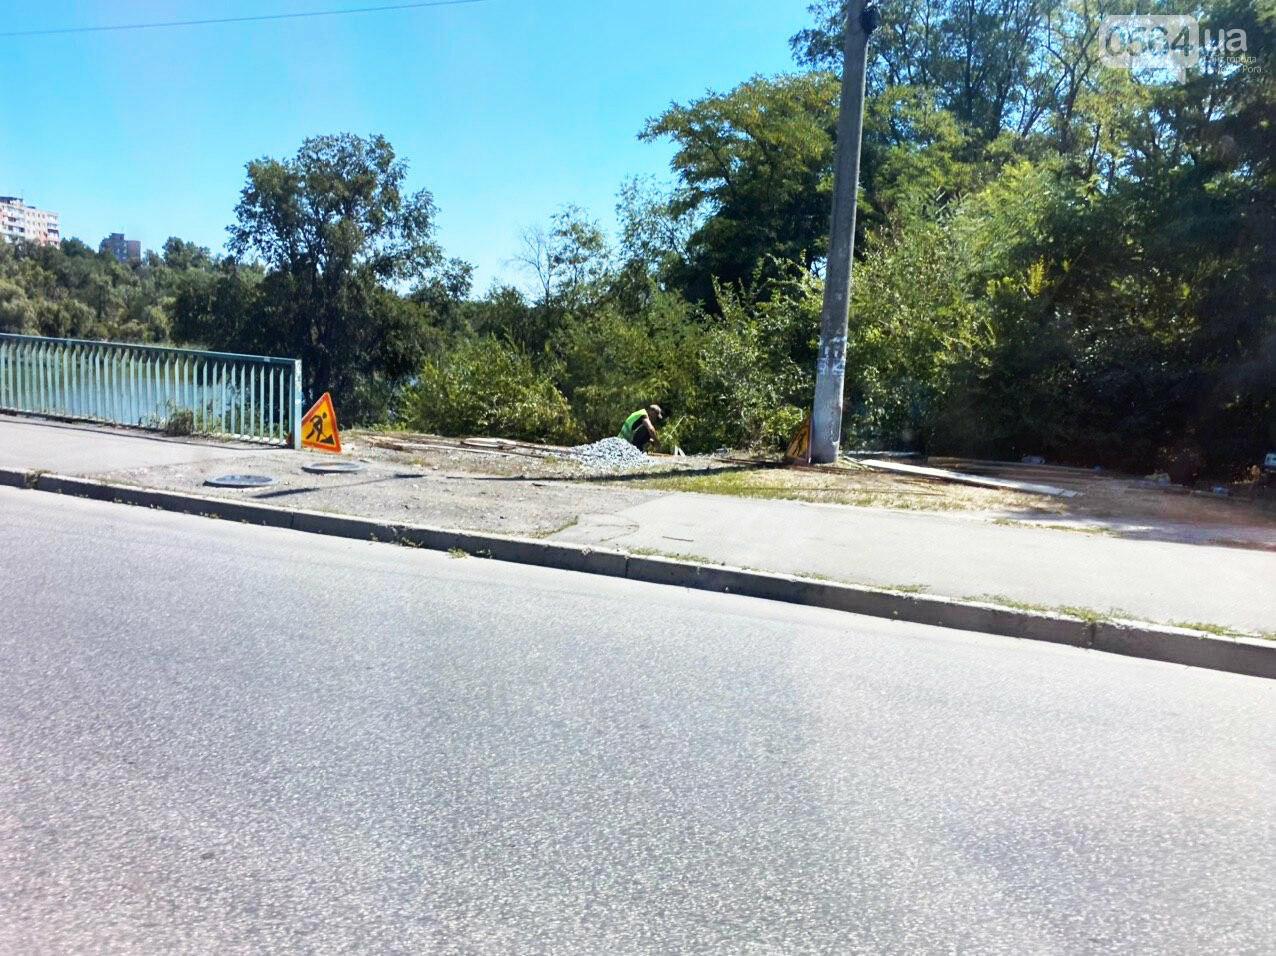 В Кривом Роге опять ремонтируют мост, где 5 лет назад произошло ЧП, - ФОТО , фото-14